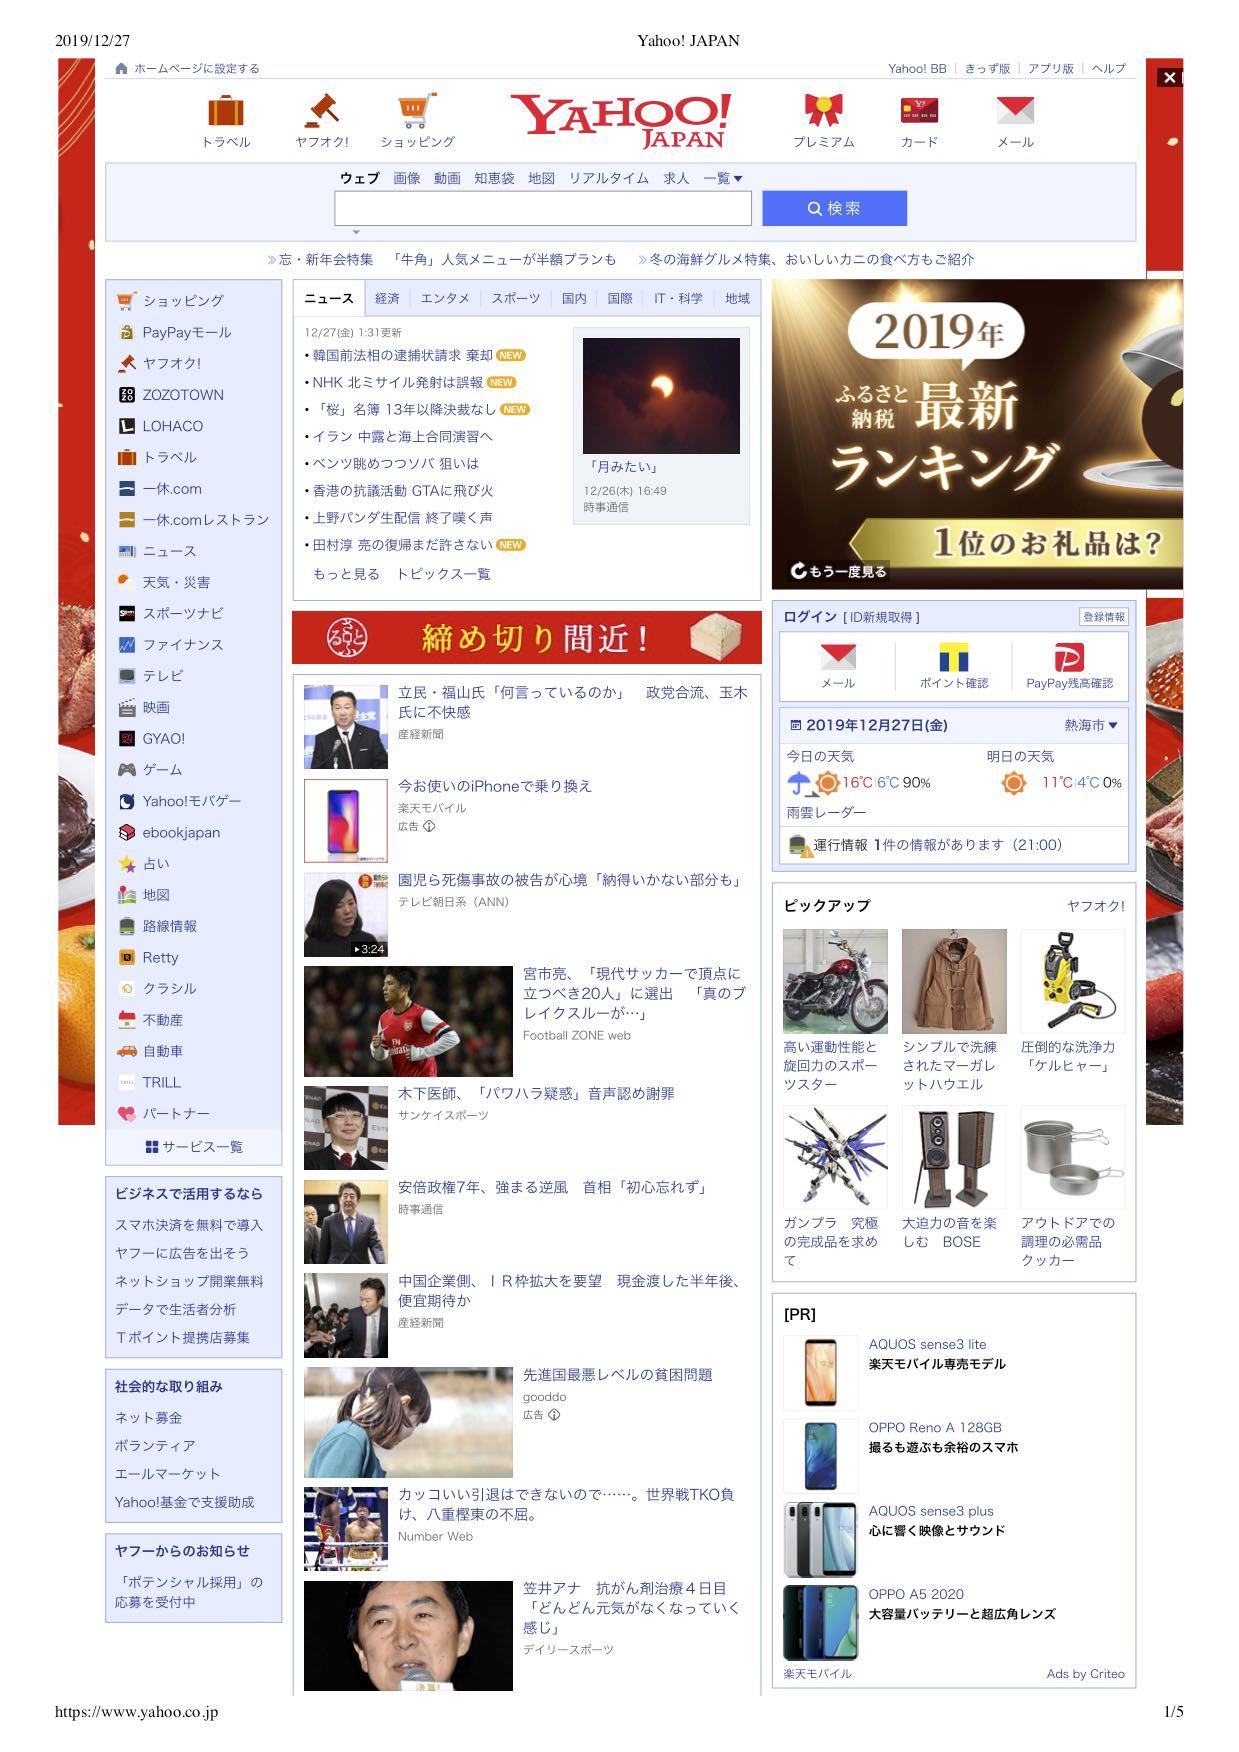 YahooJapanでの広告